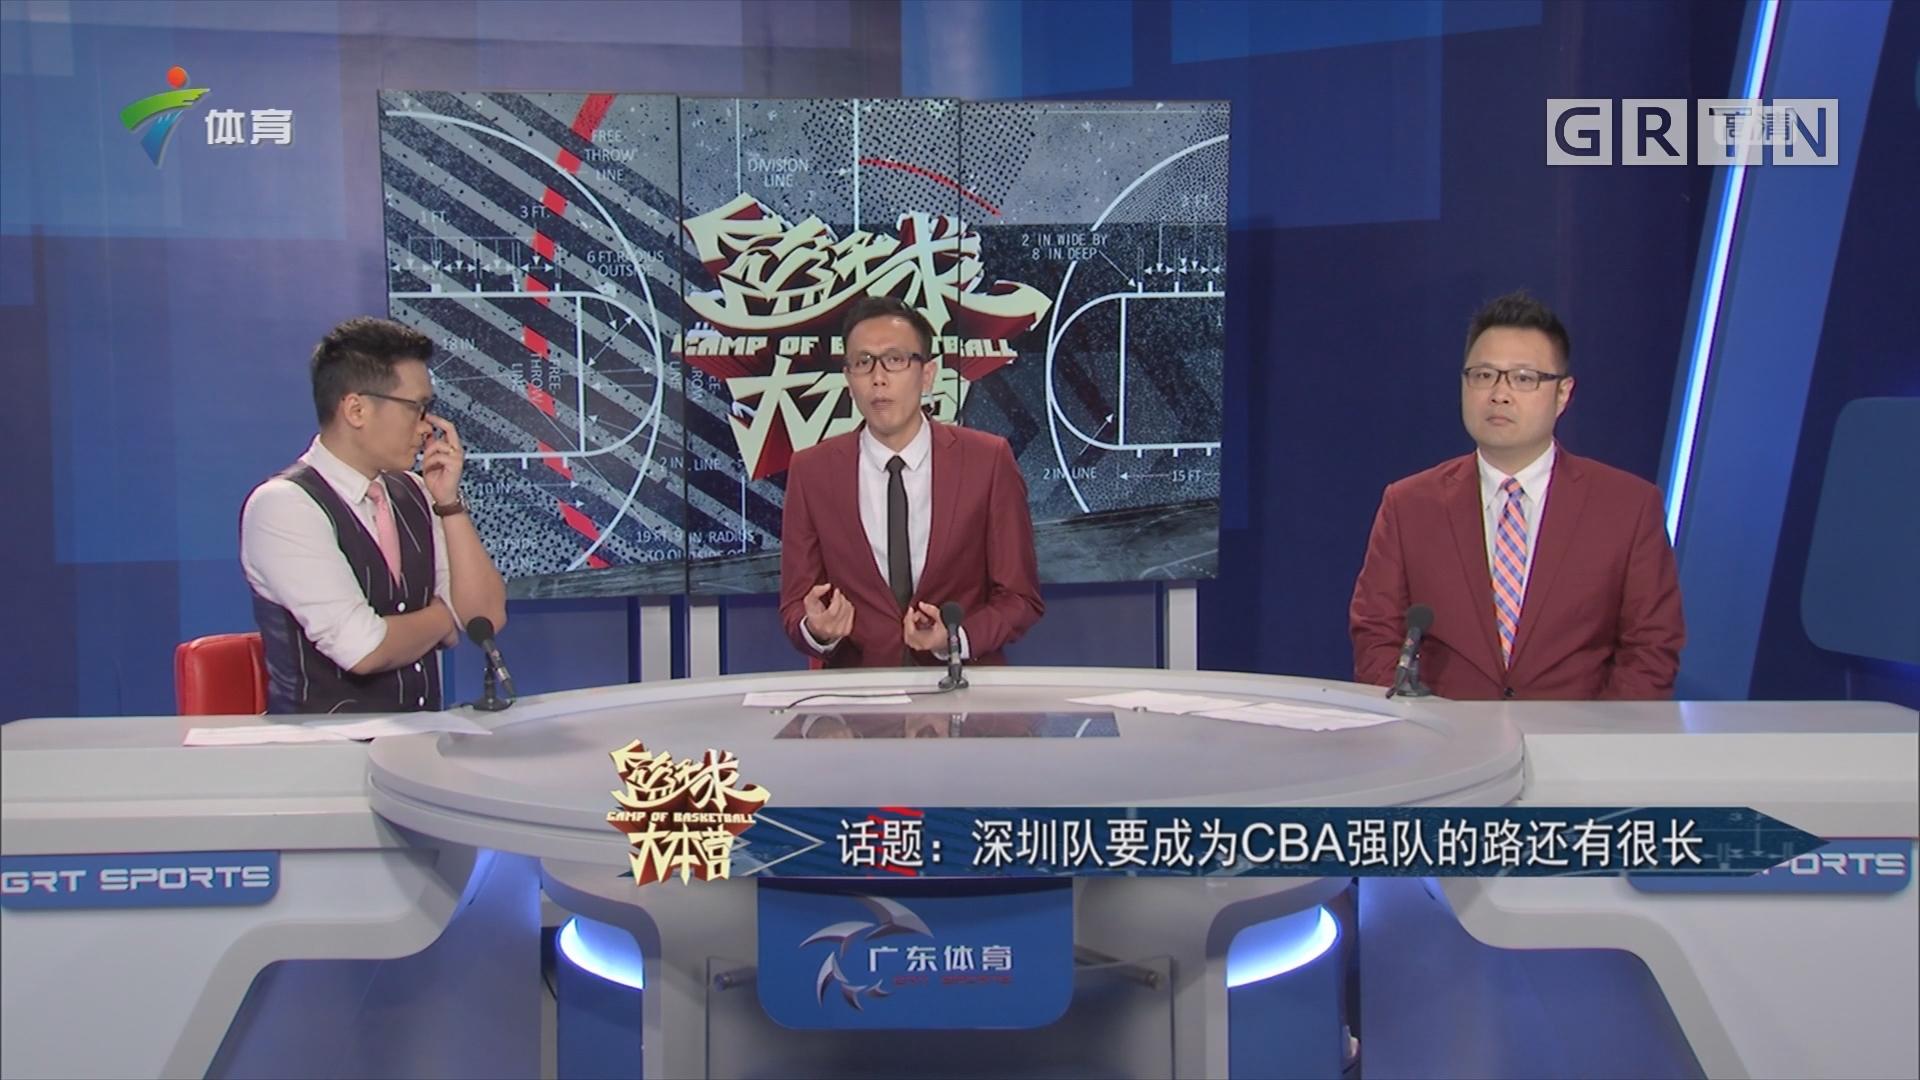 话题:深圳队要成为CBA强队的路还有很长